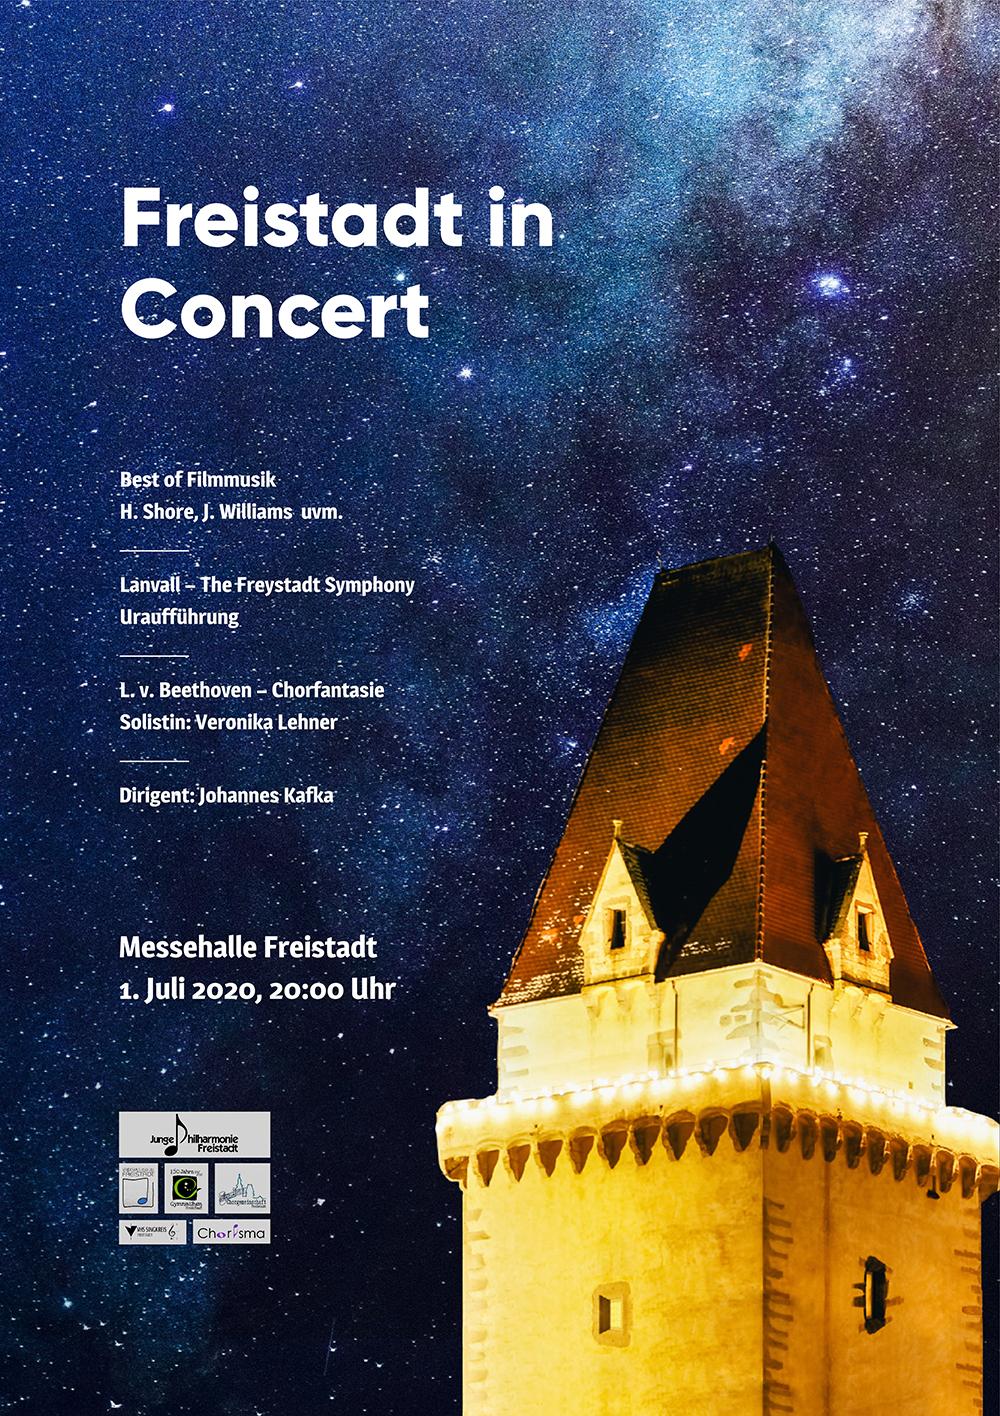 Freistadt in Concert